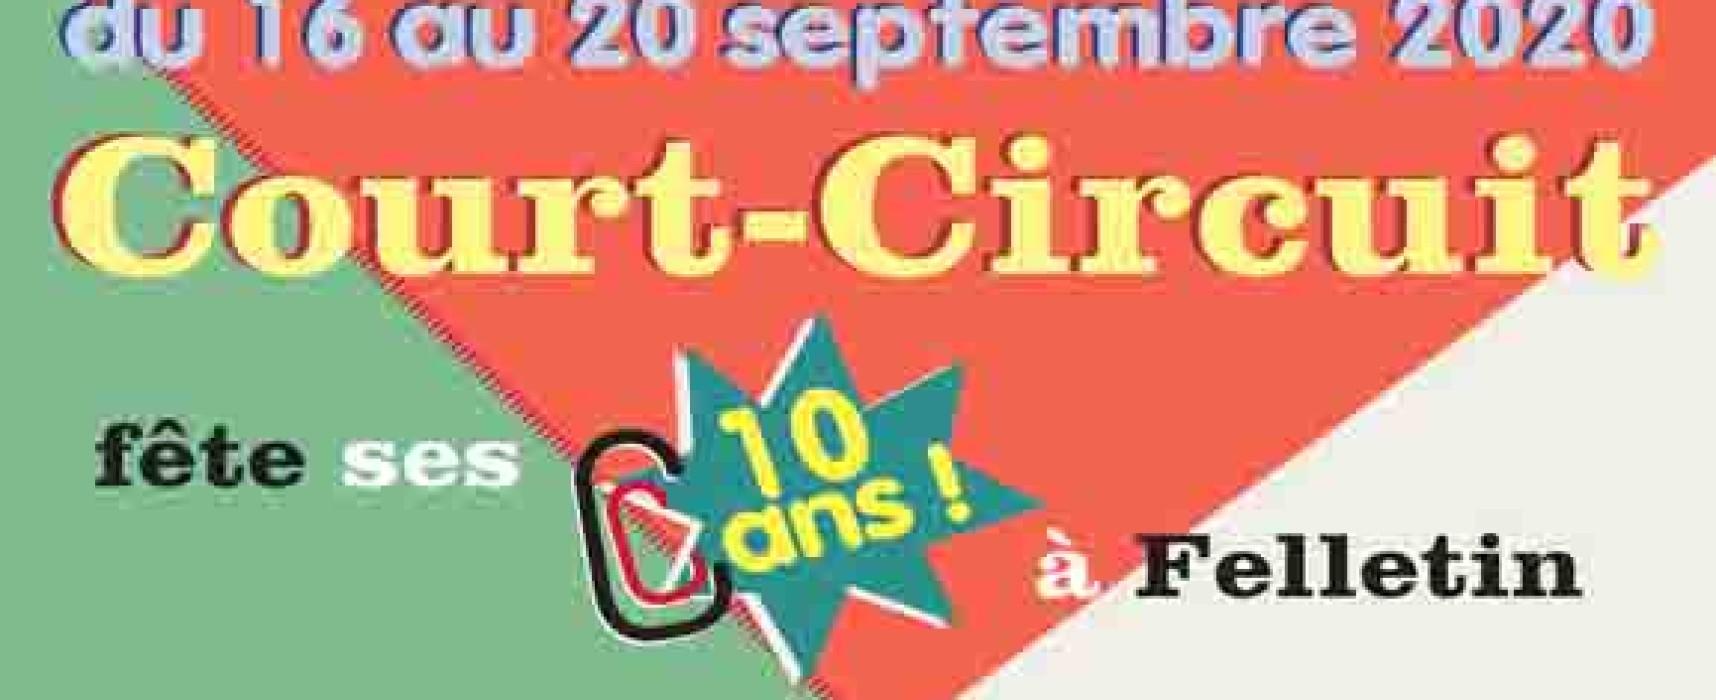 L'association Court-Circuit fête ses 10 ans du 16 au 20 septembre 2020